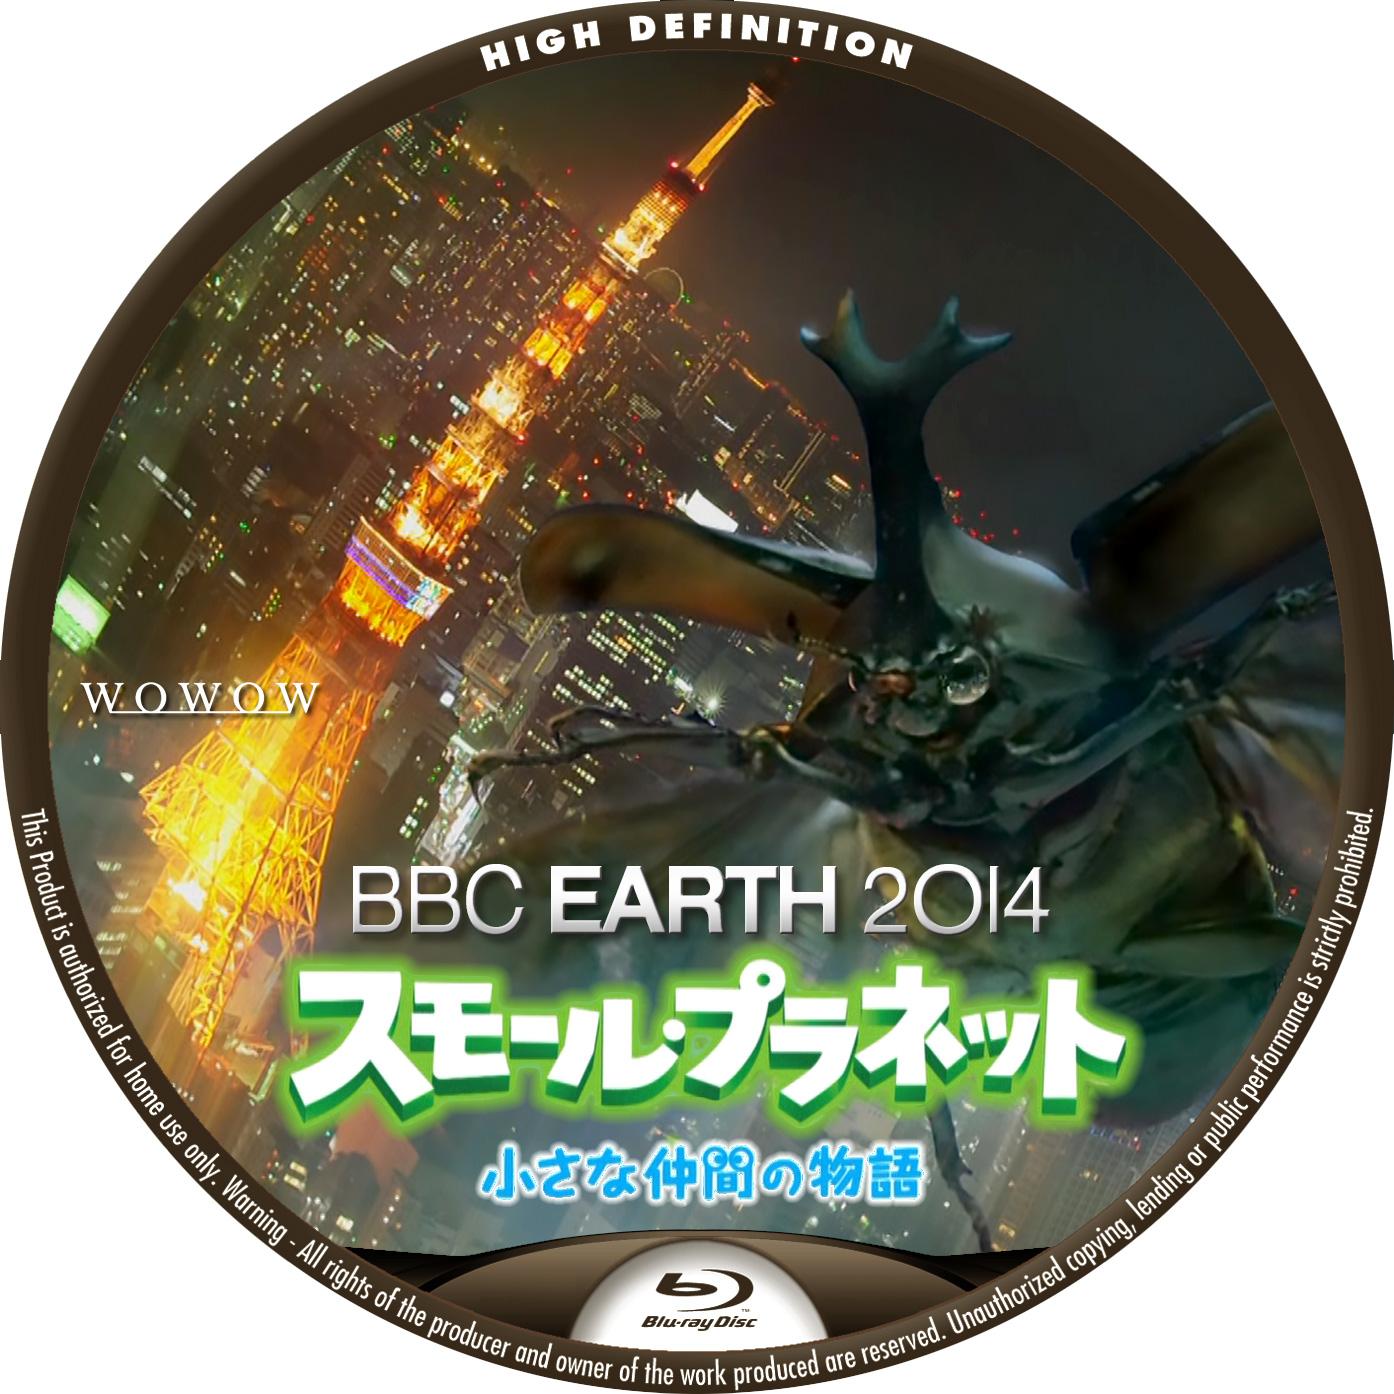 BBC EARTH 2014 スモールプラネット 第3話 BDラベル